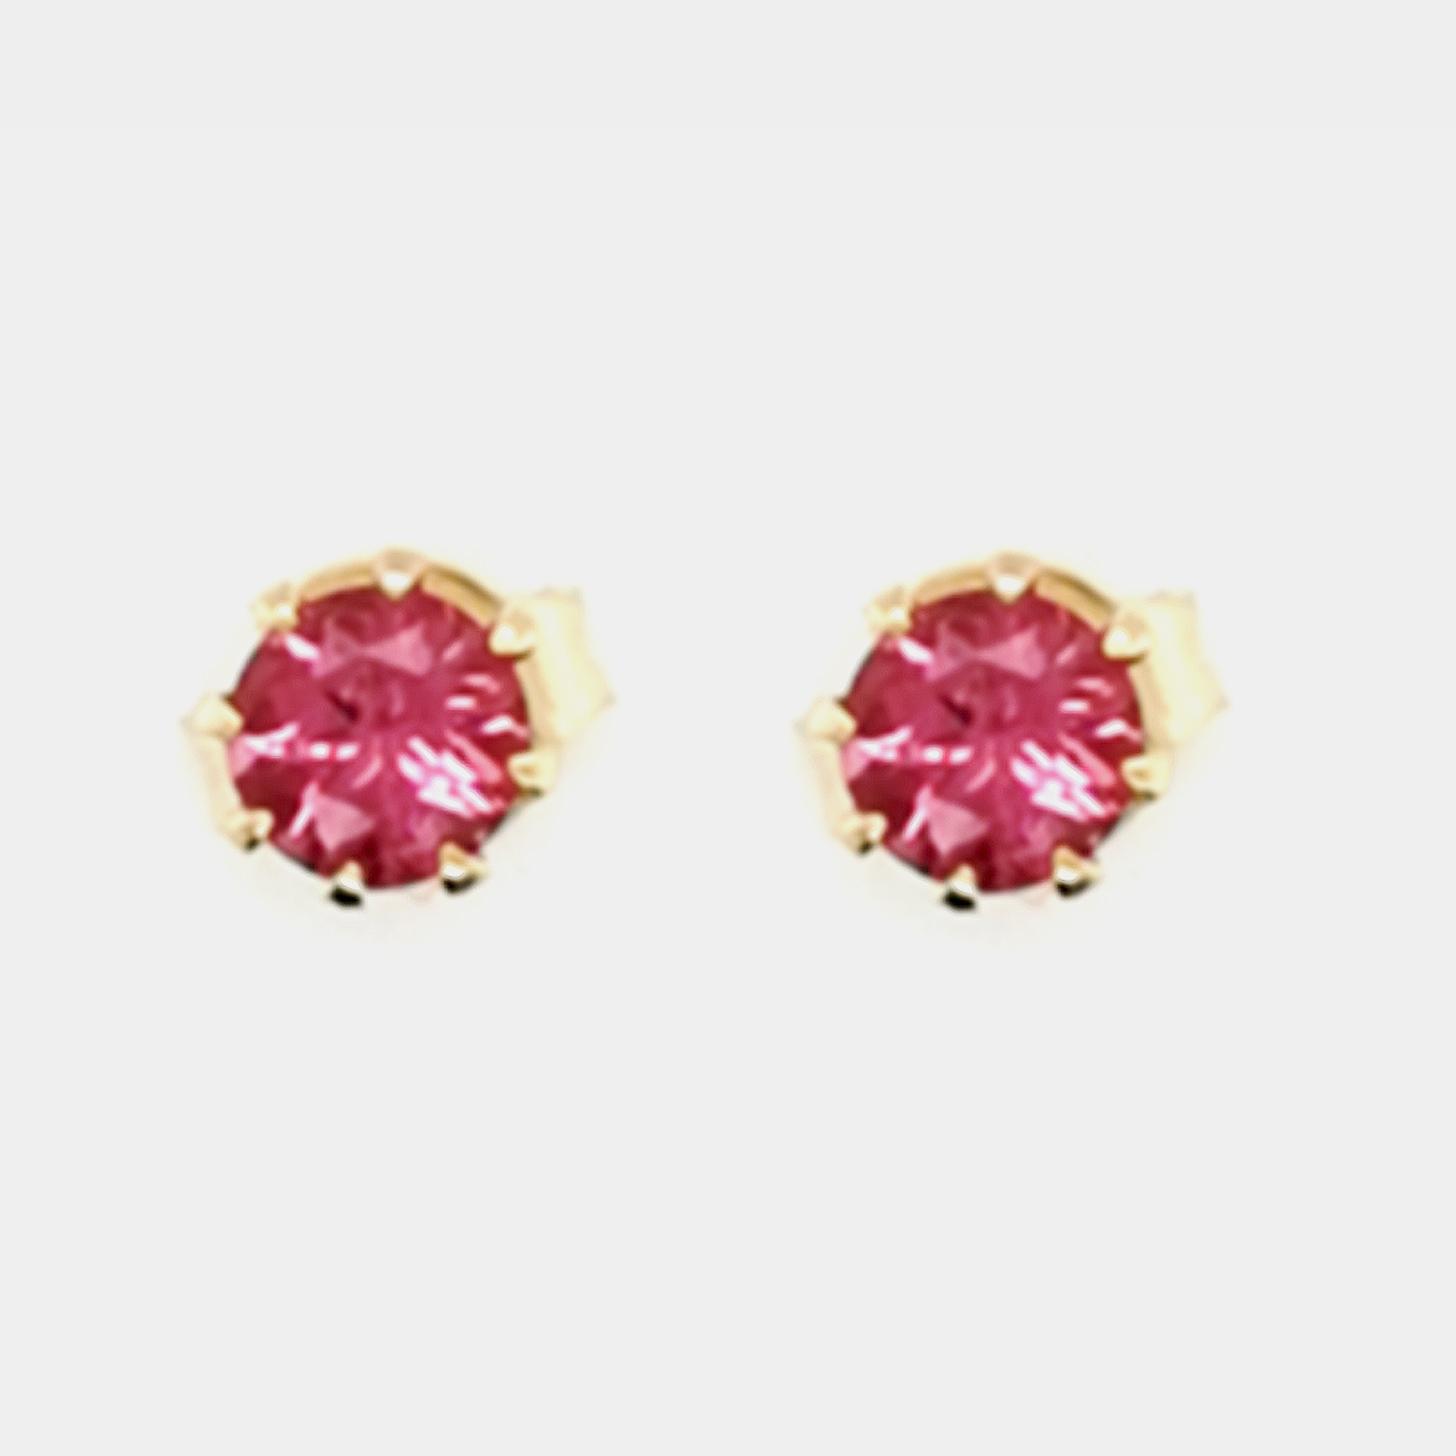 Brasilianischer Turmalin pink, gesamt ca. 0,6 ct Edelstein, Ohrstecker aus 375 Gelbgold, Sogni d´oro